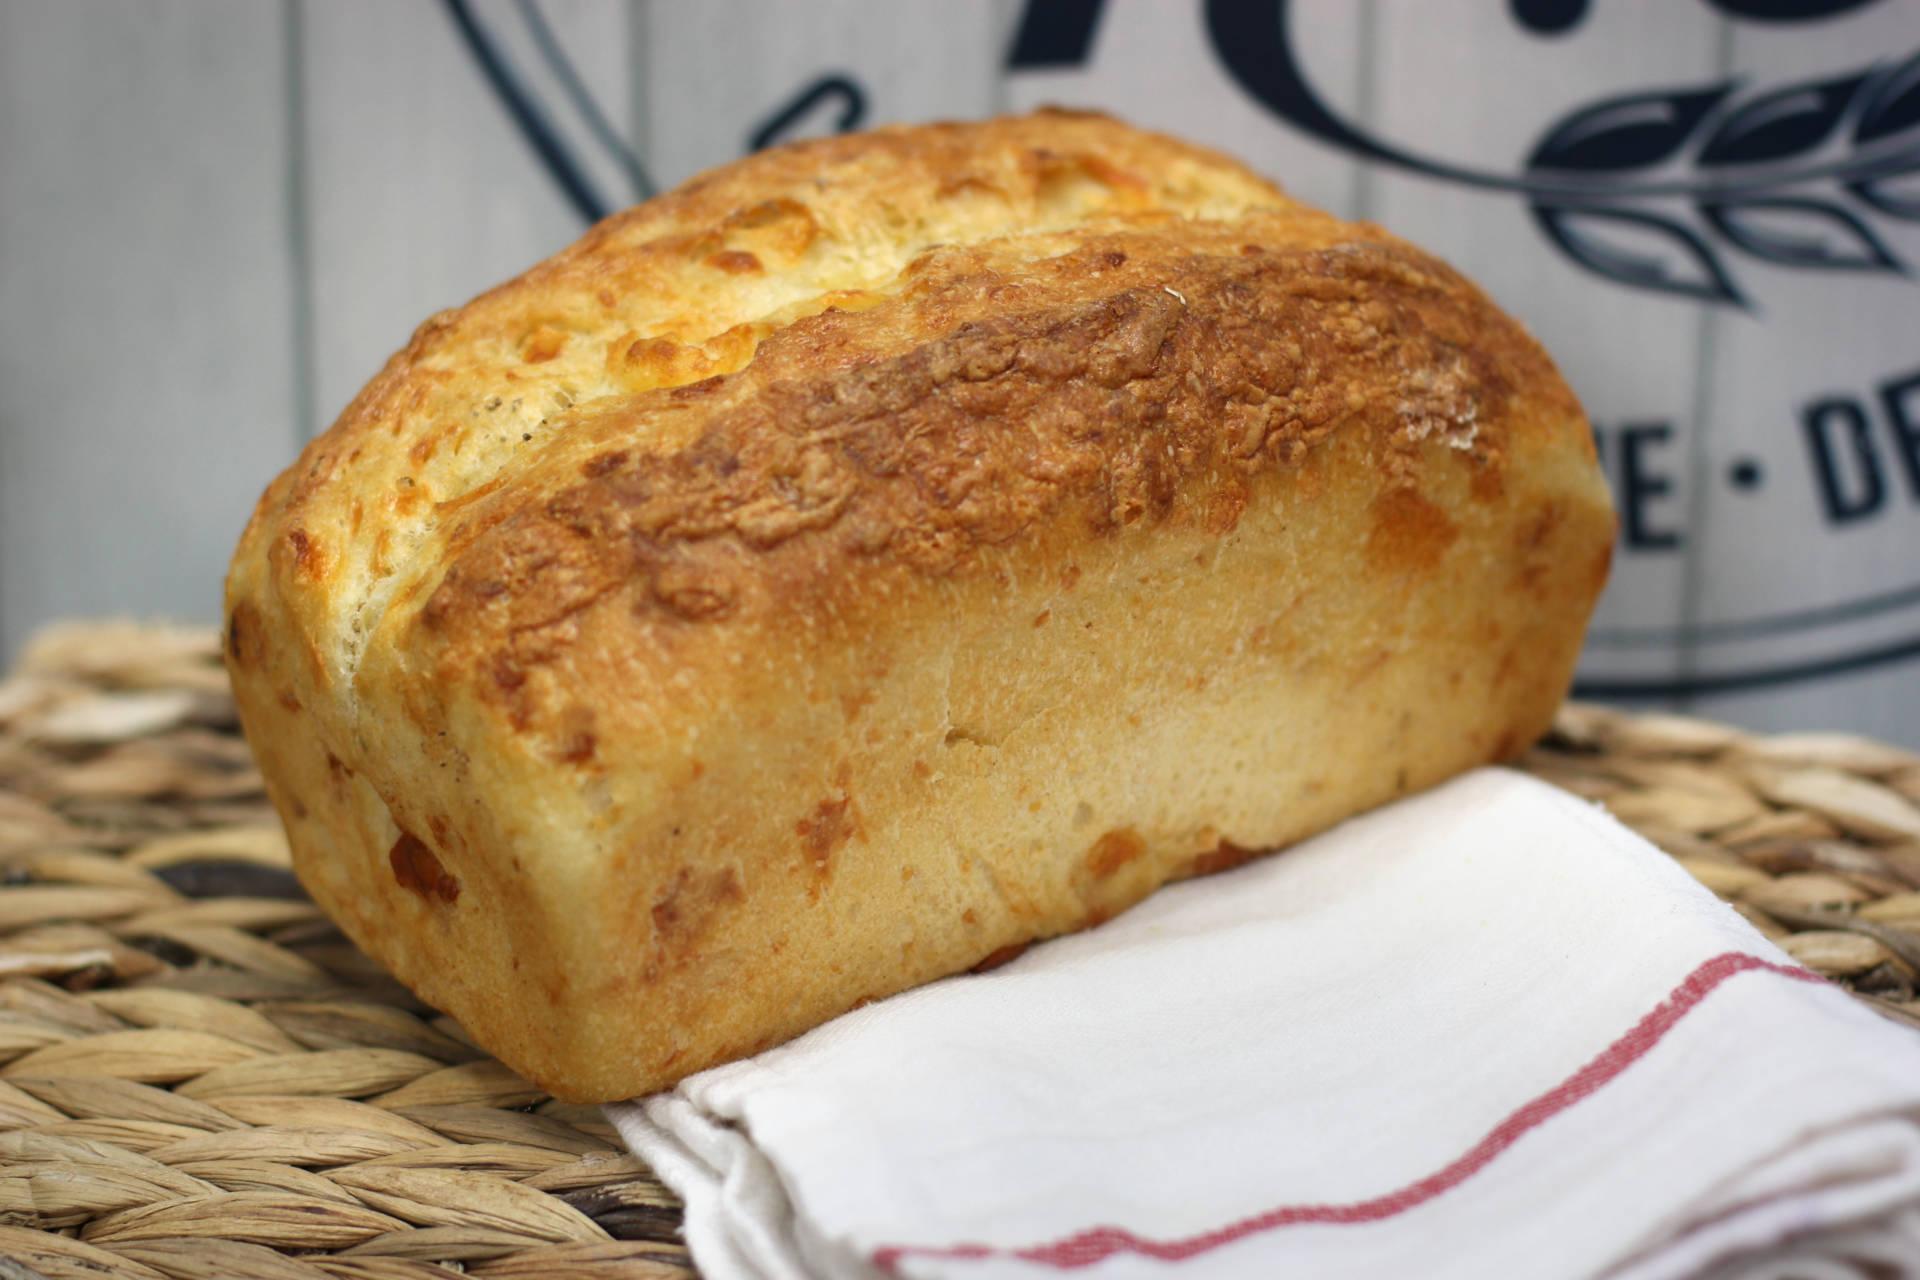 5 fromages | Boulangerie Levain no.5